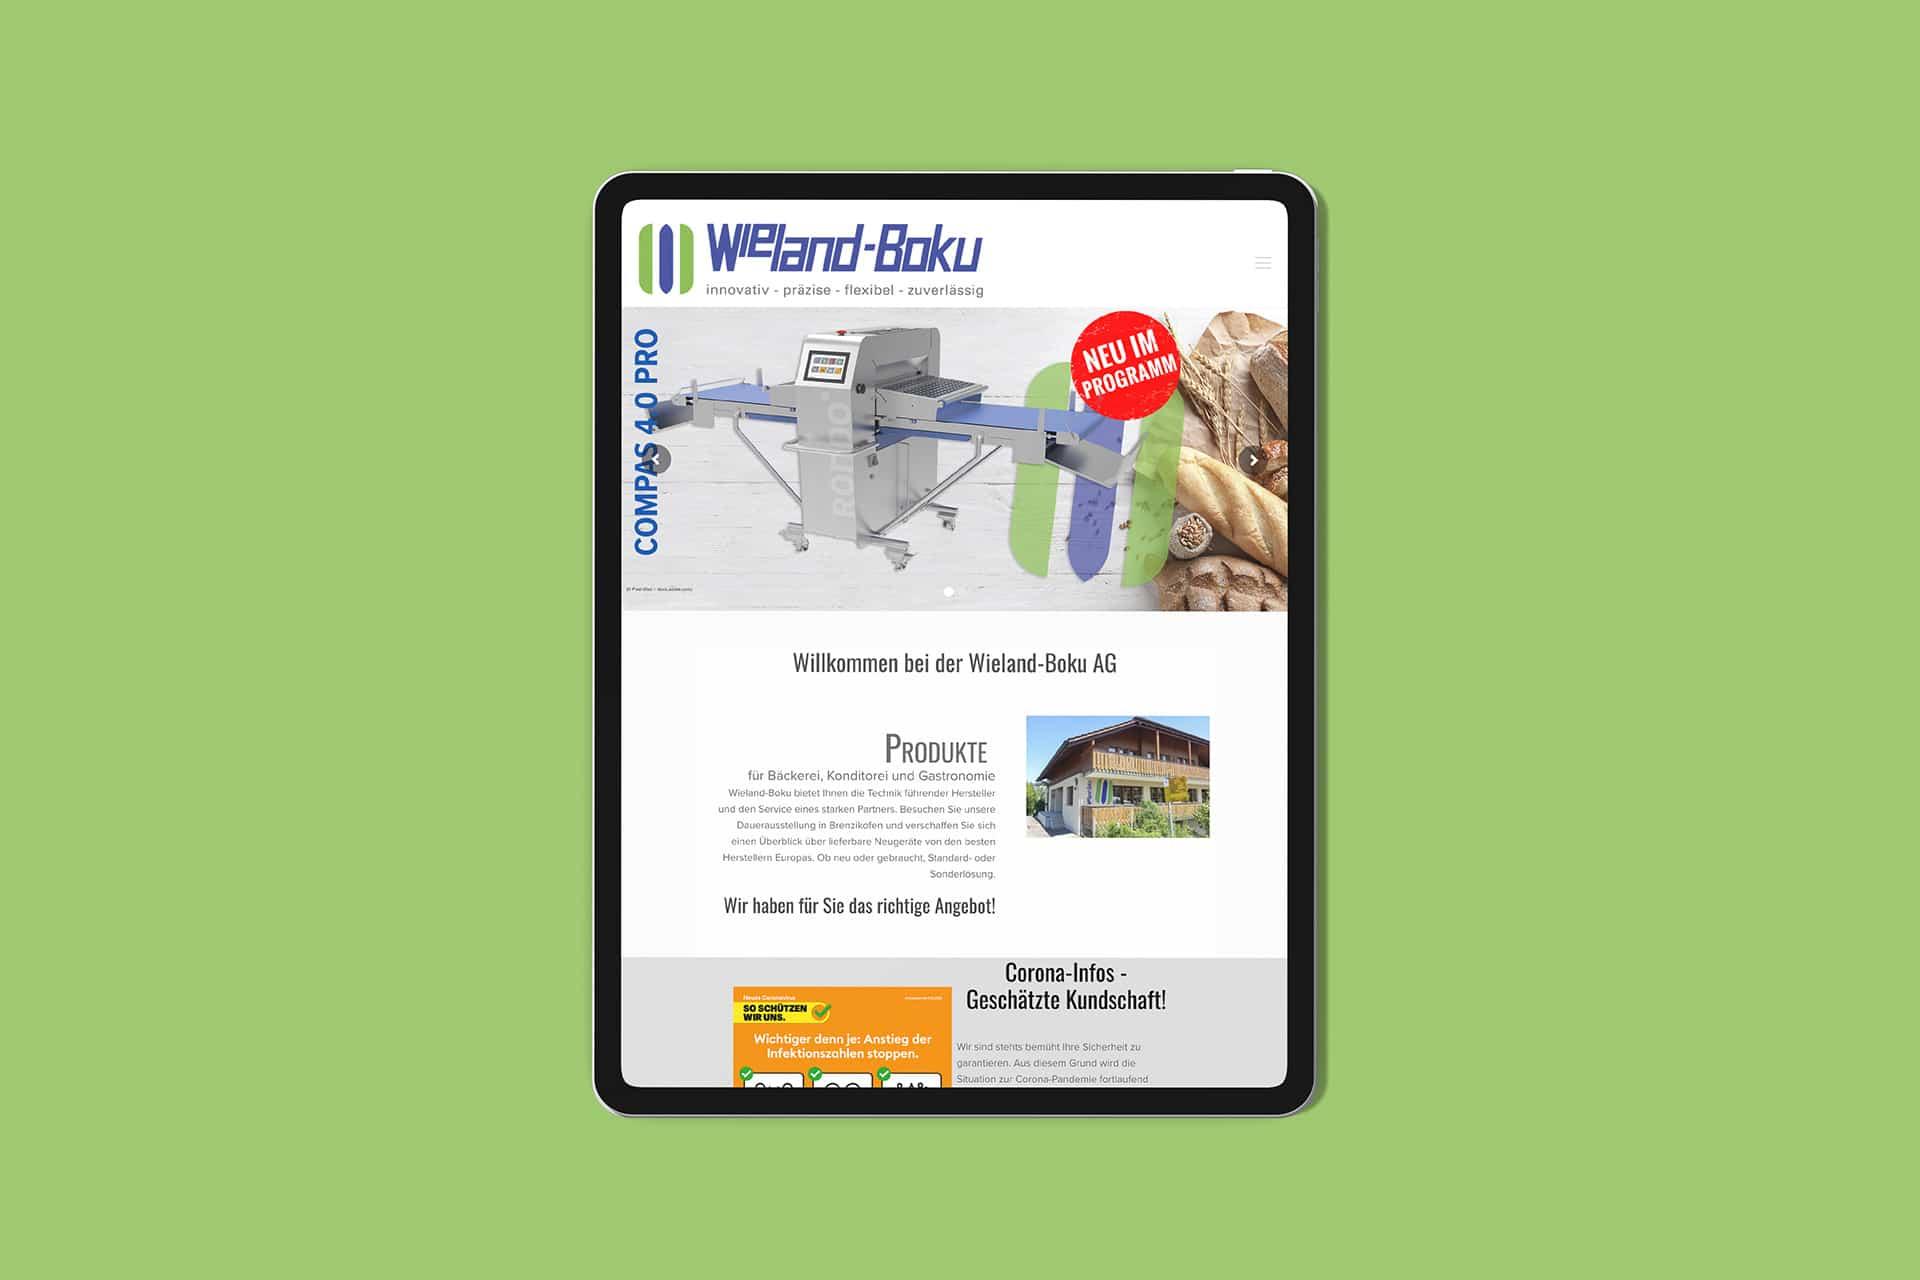 Internetseite der Wieland-Boku AG in der Schweiz